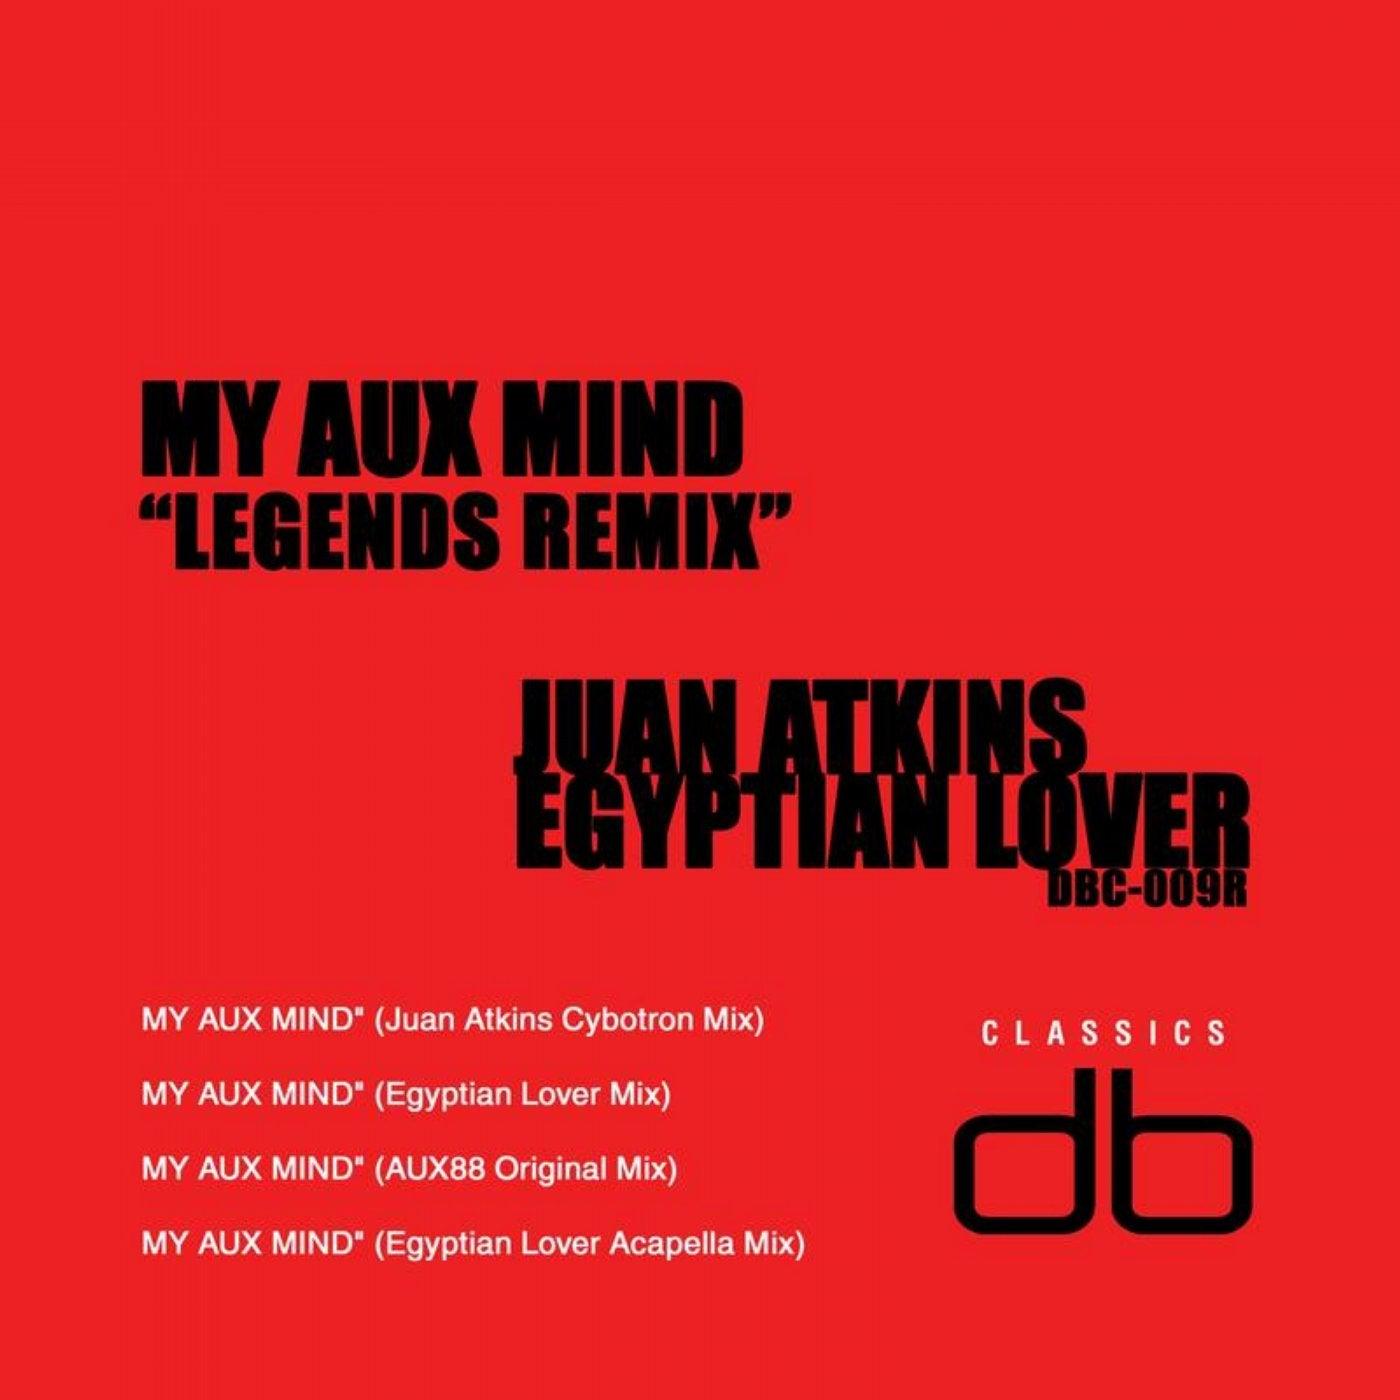 My Aux Mind (Juan Atkins